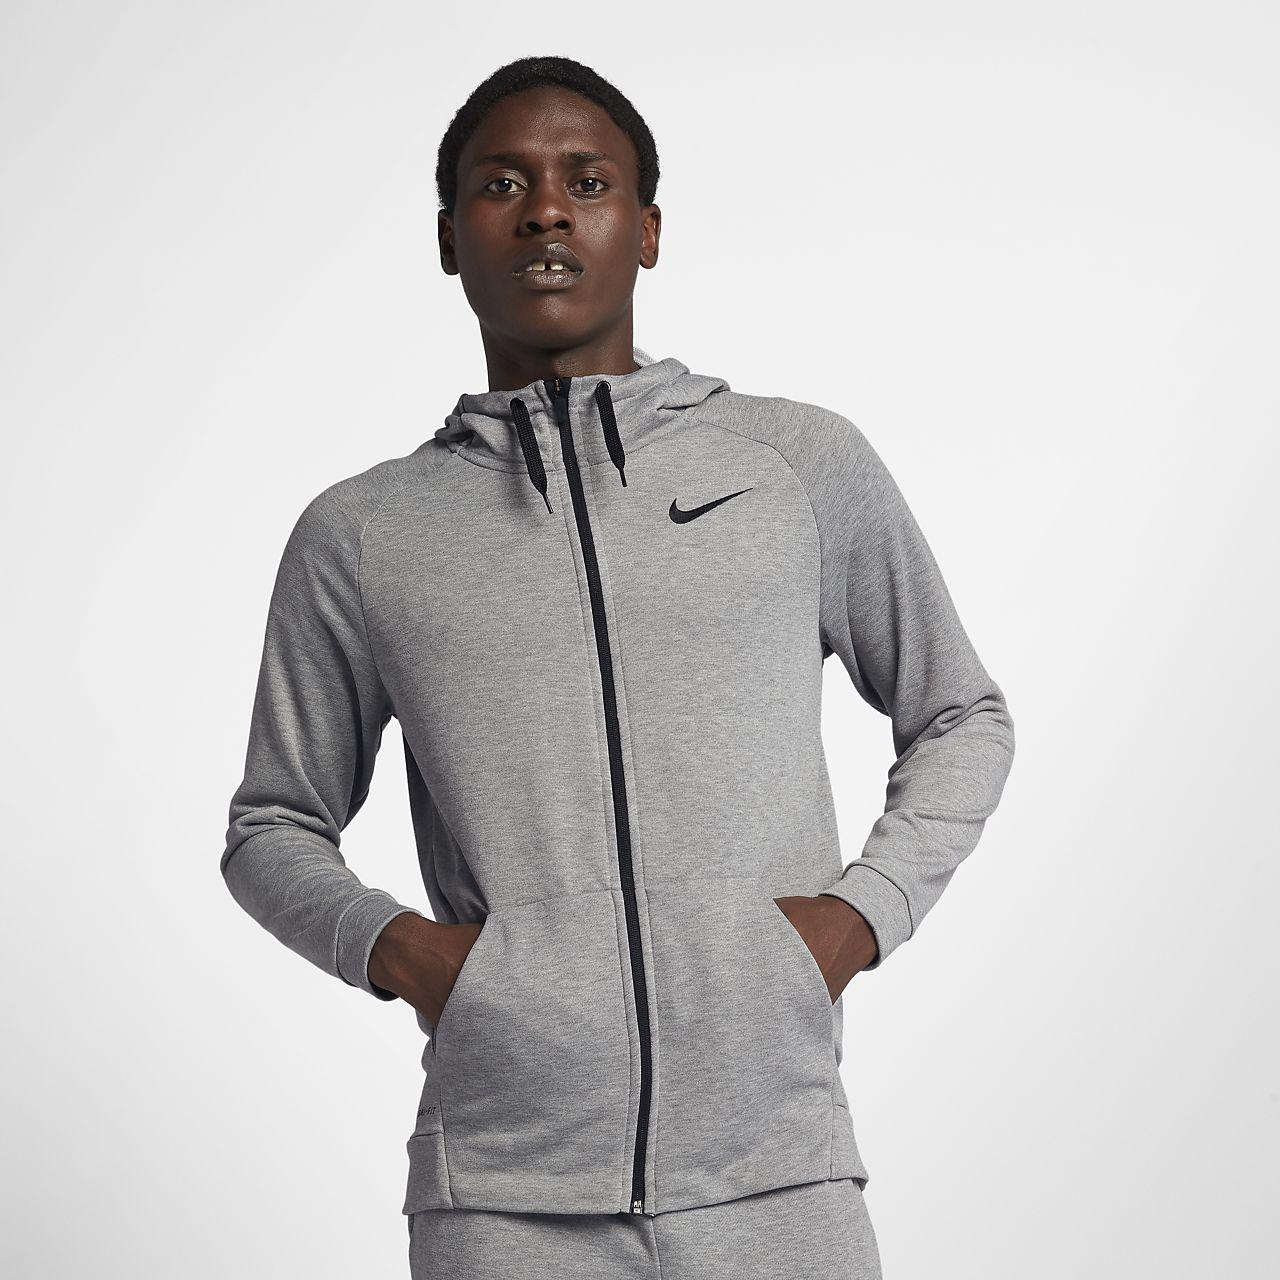 387eb195b7ce4 Hoodie de treino com fecho completo Nike Dri-FIT para homem. Nike.com PT